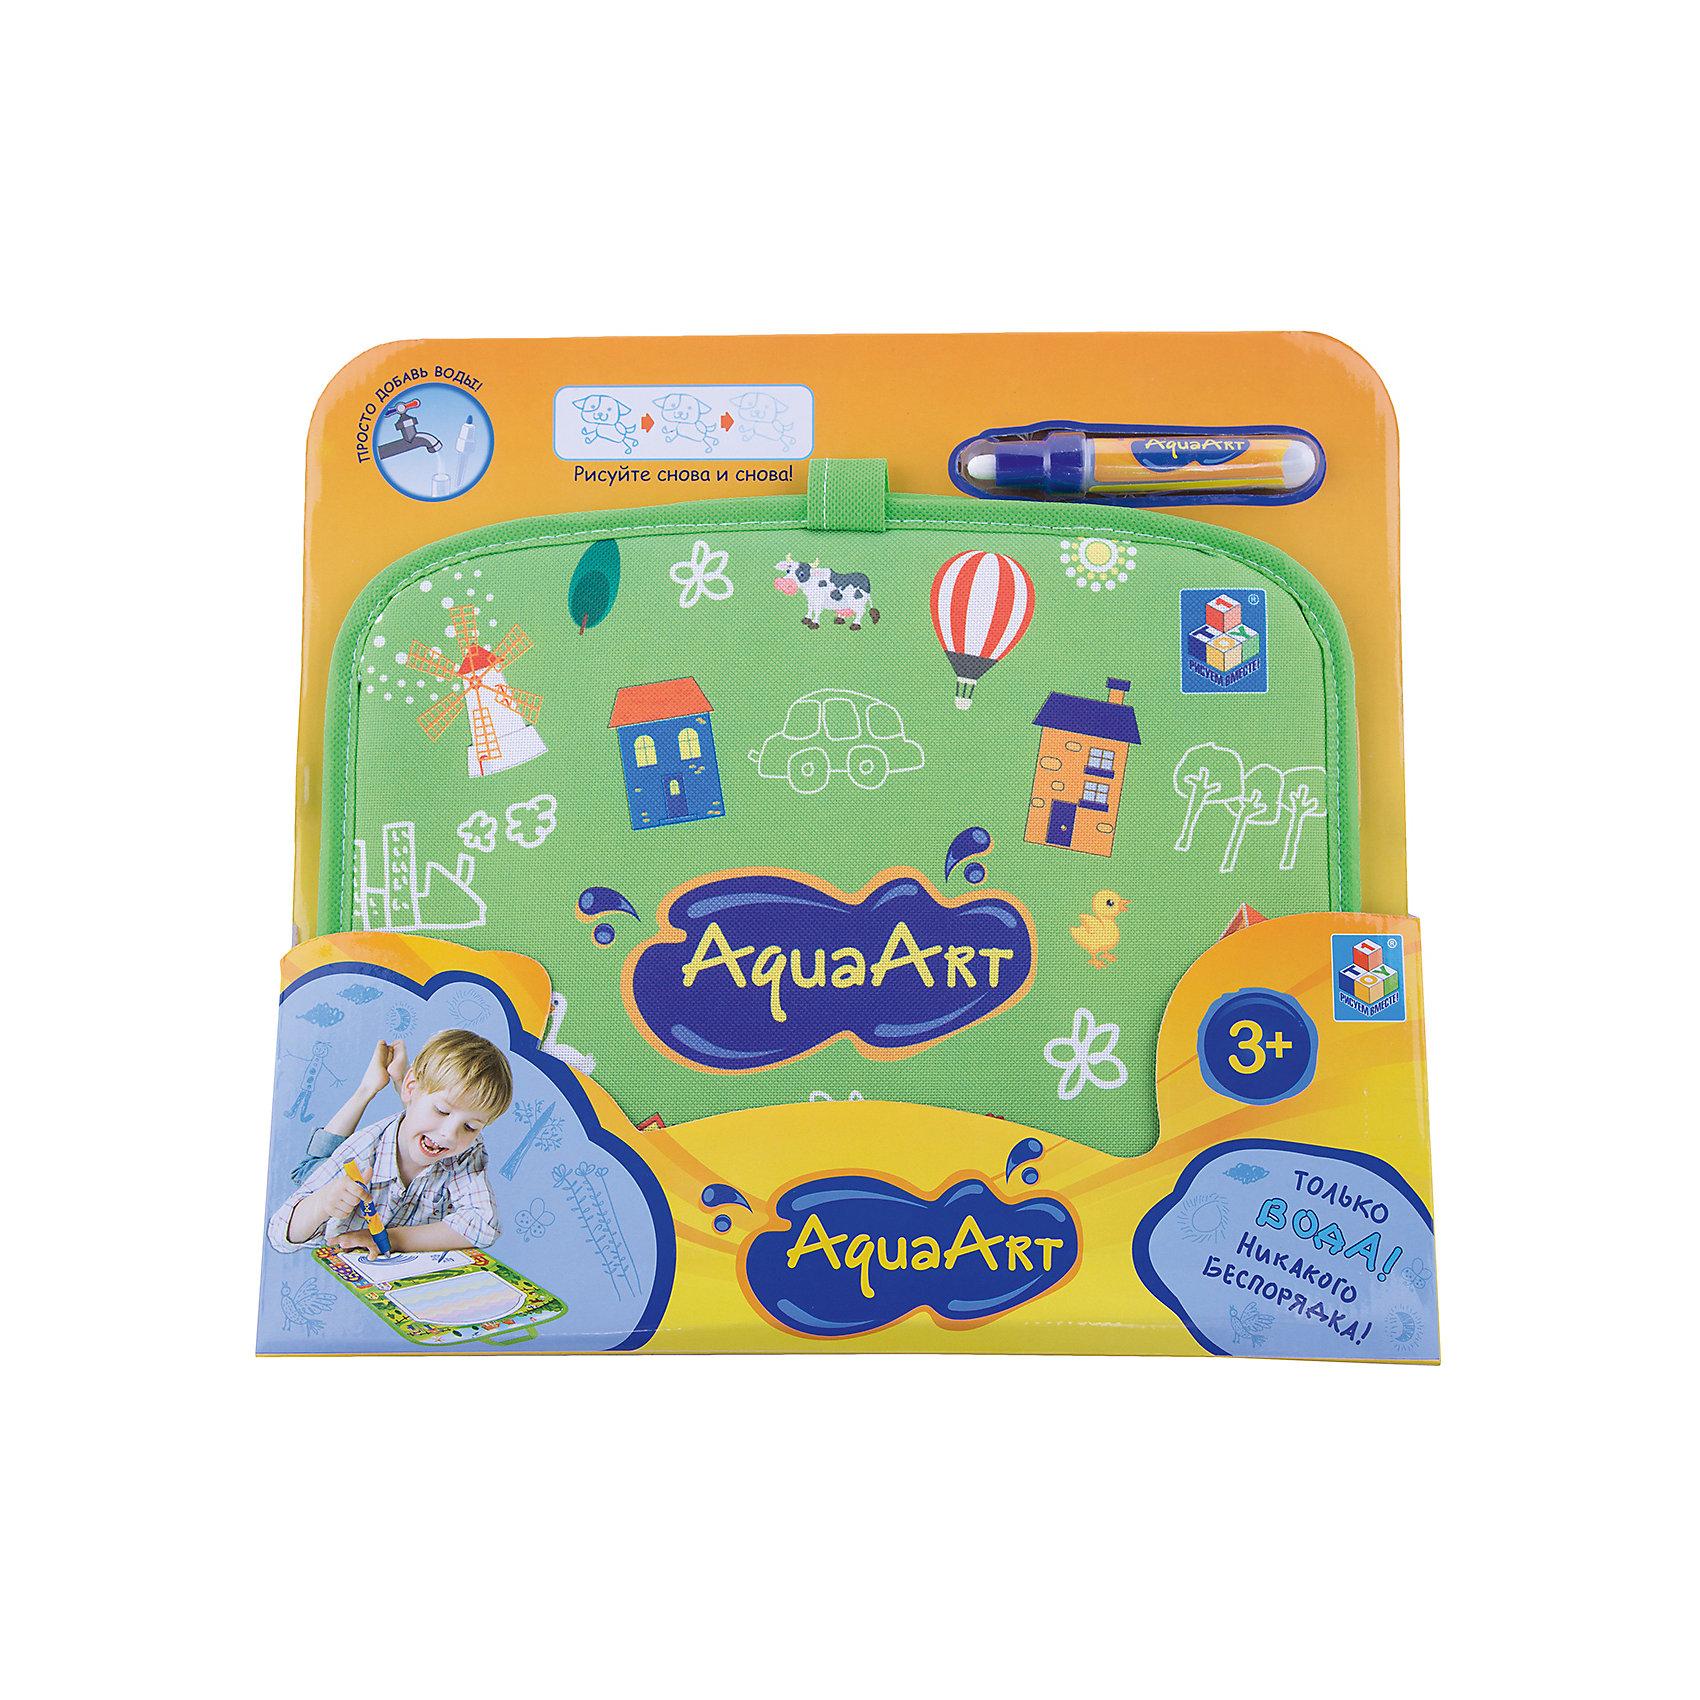 Коврик для рисования, зеленый, 1toy AquaArtРазвивающие игрушки<br><br><br>Ширина мм: 450<br>Глубина мм: 350<br>Высота мм: 330<br>Вес г: 300<br>Возраст от месяцев: 36<br>Возраст до месяцев: 2147483647<br>Пол: Унисекс<br>Возраст: Детский<br>SKU: 6851266